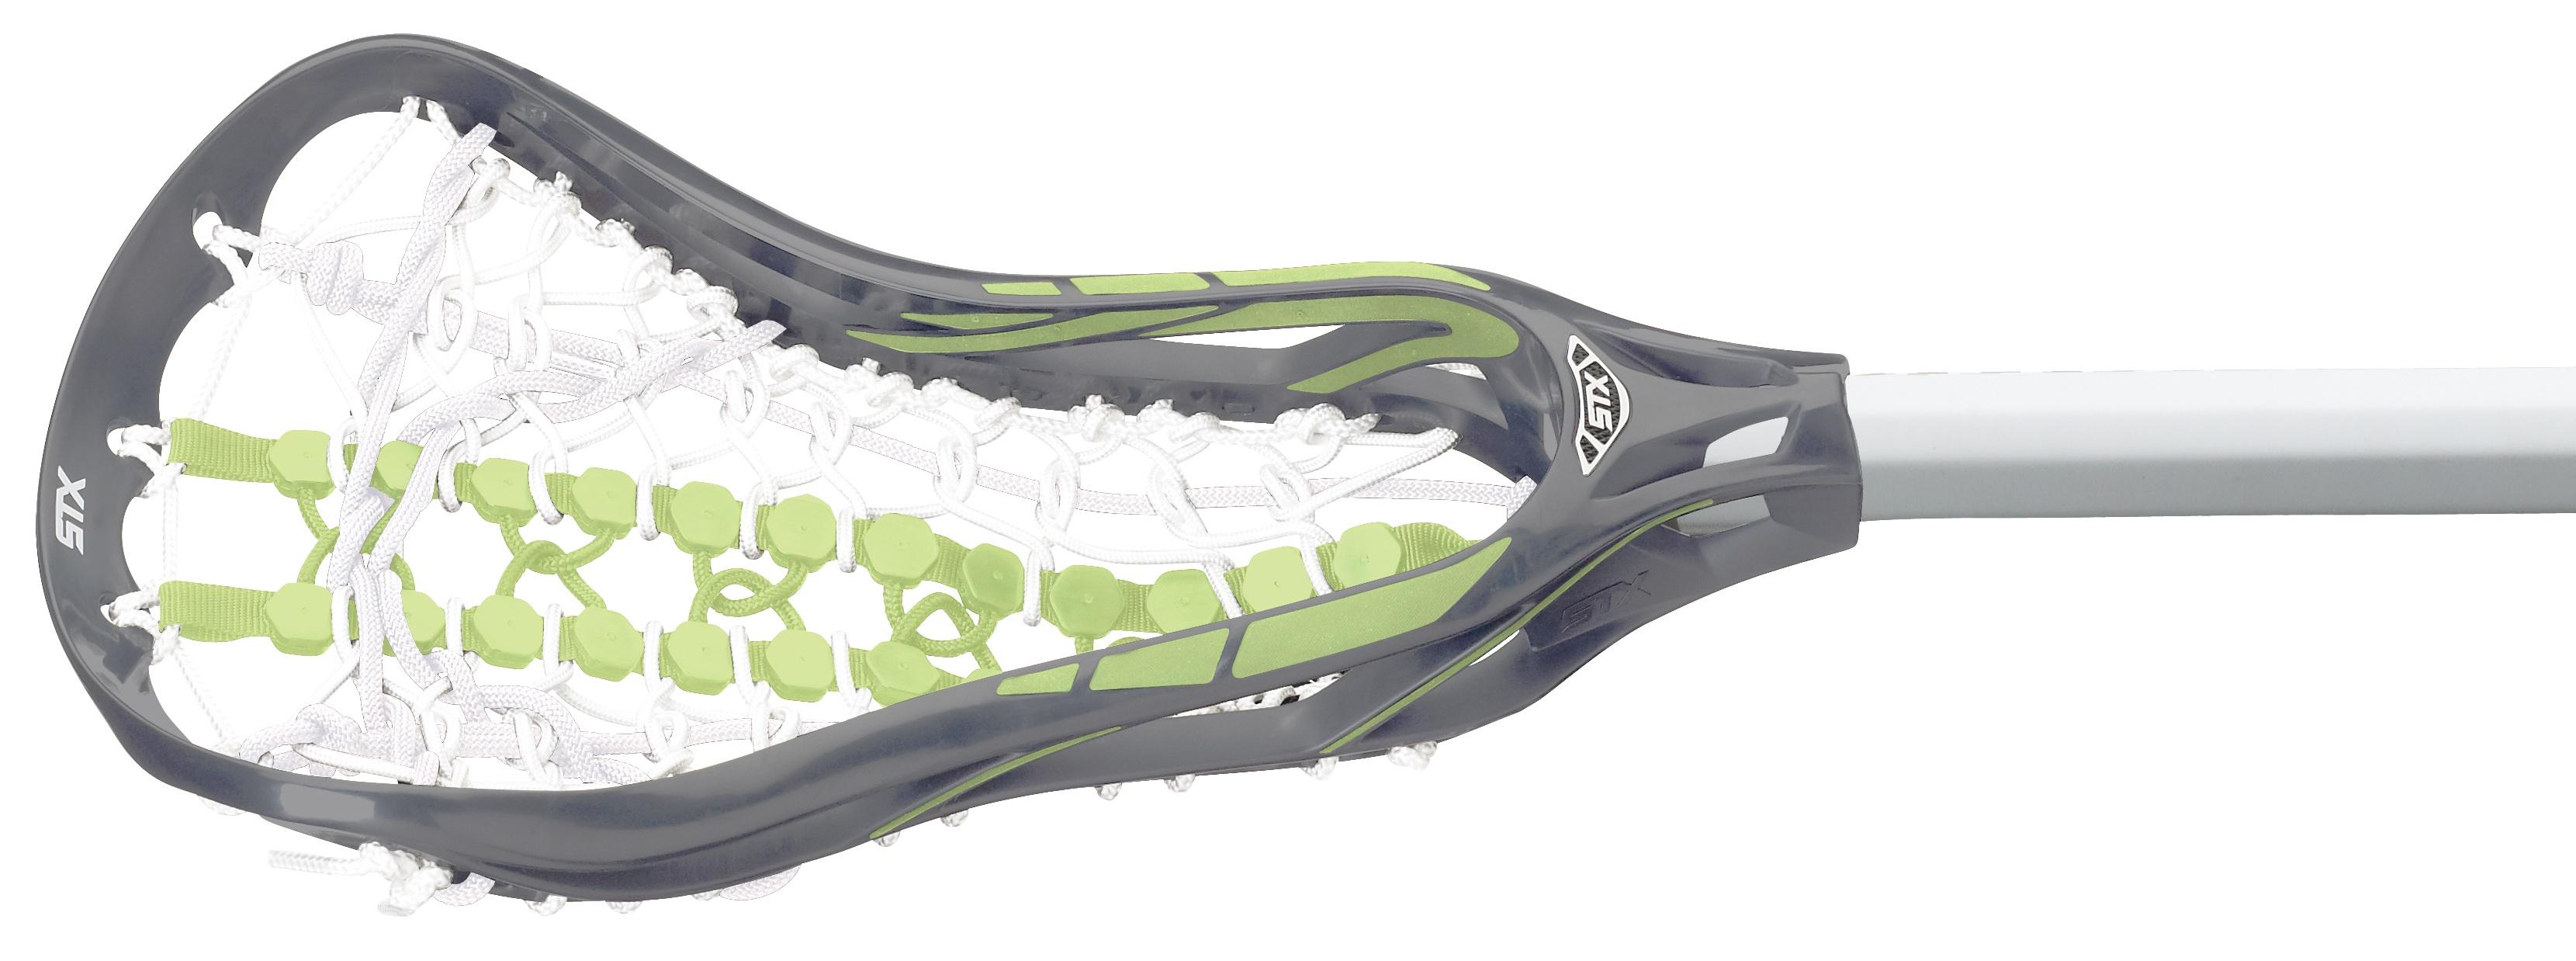 2013 STX Exult 10 Lacrosse Head